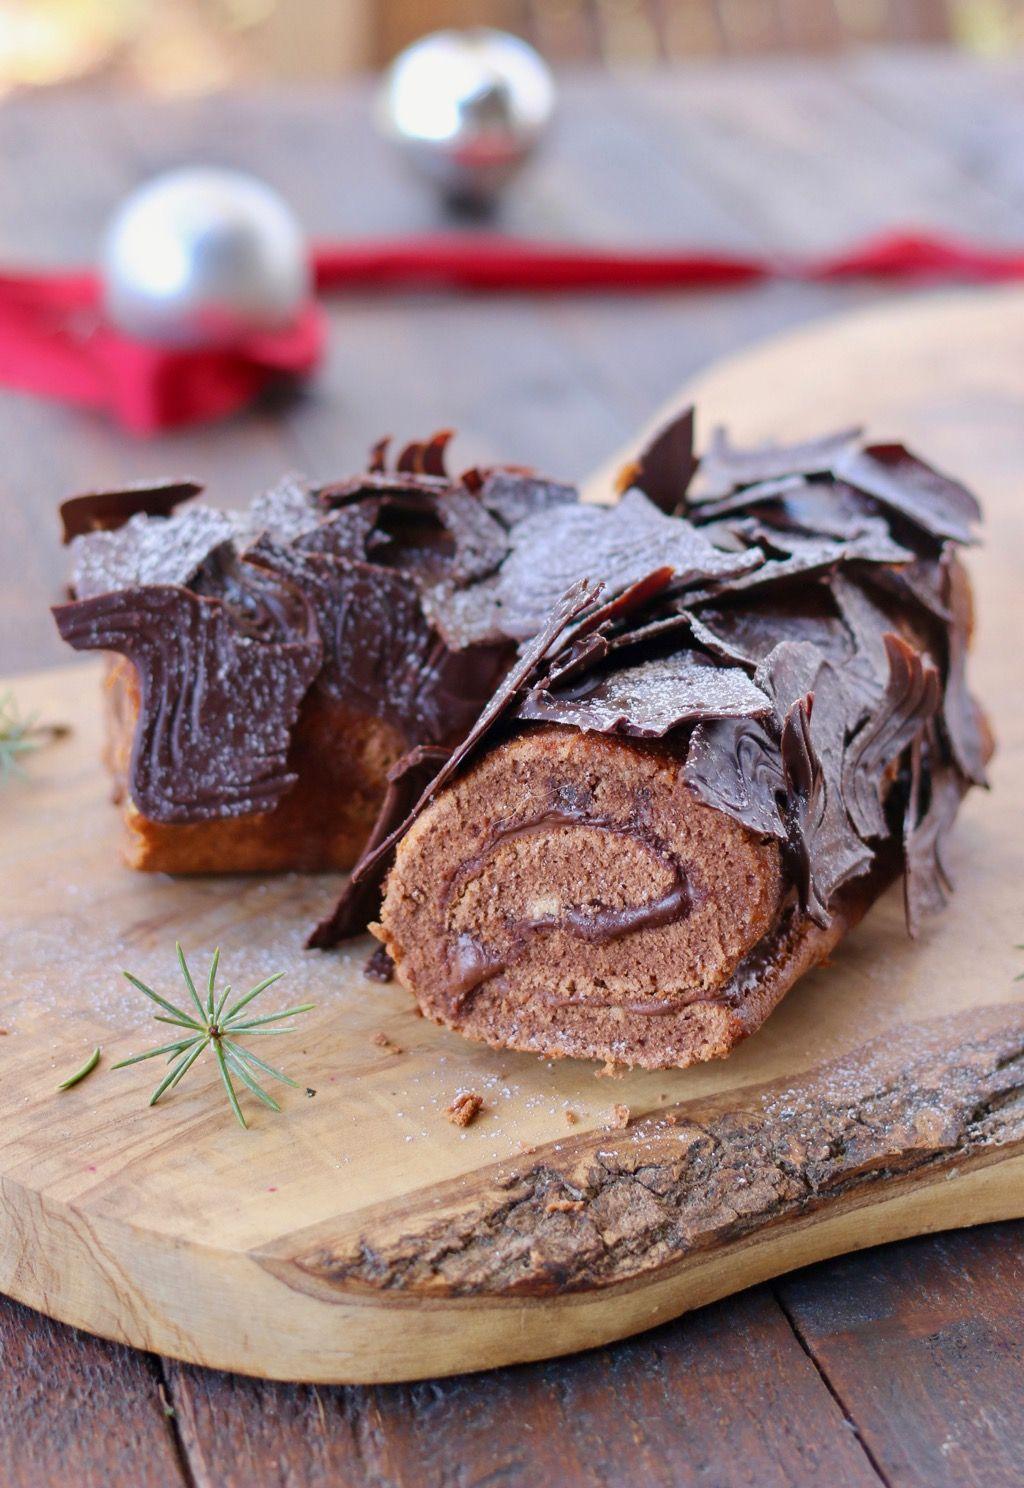 Ricetta Tronchetto Di Natale Alla Nutella.Tronchetto Di Natale Alla Nutella